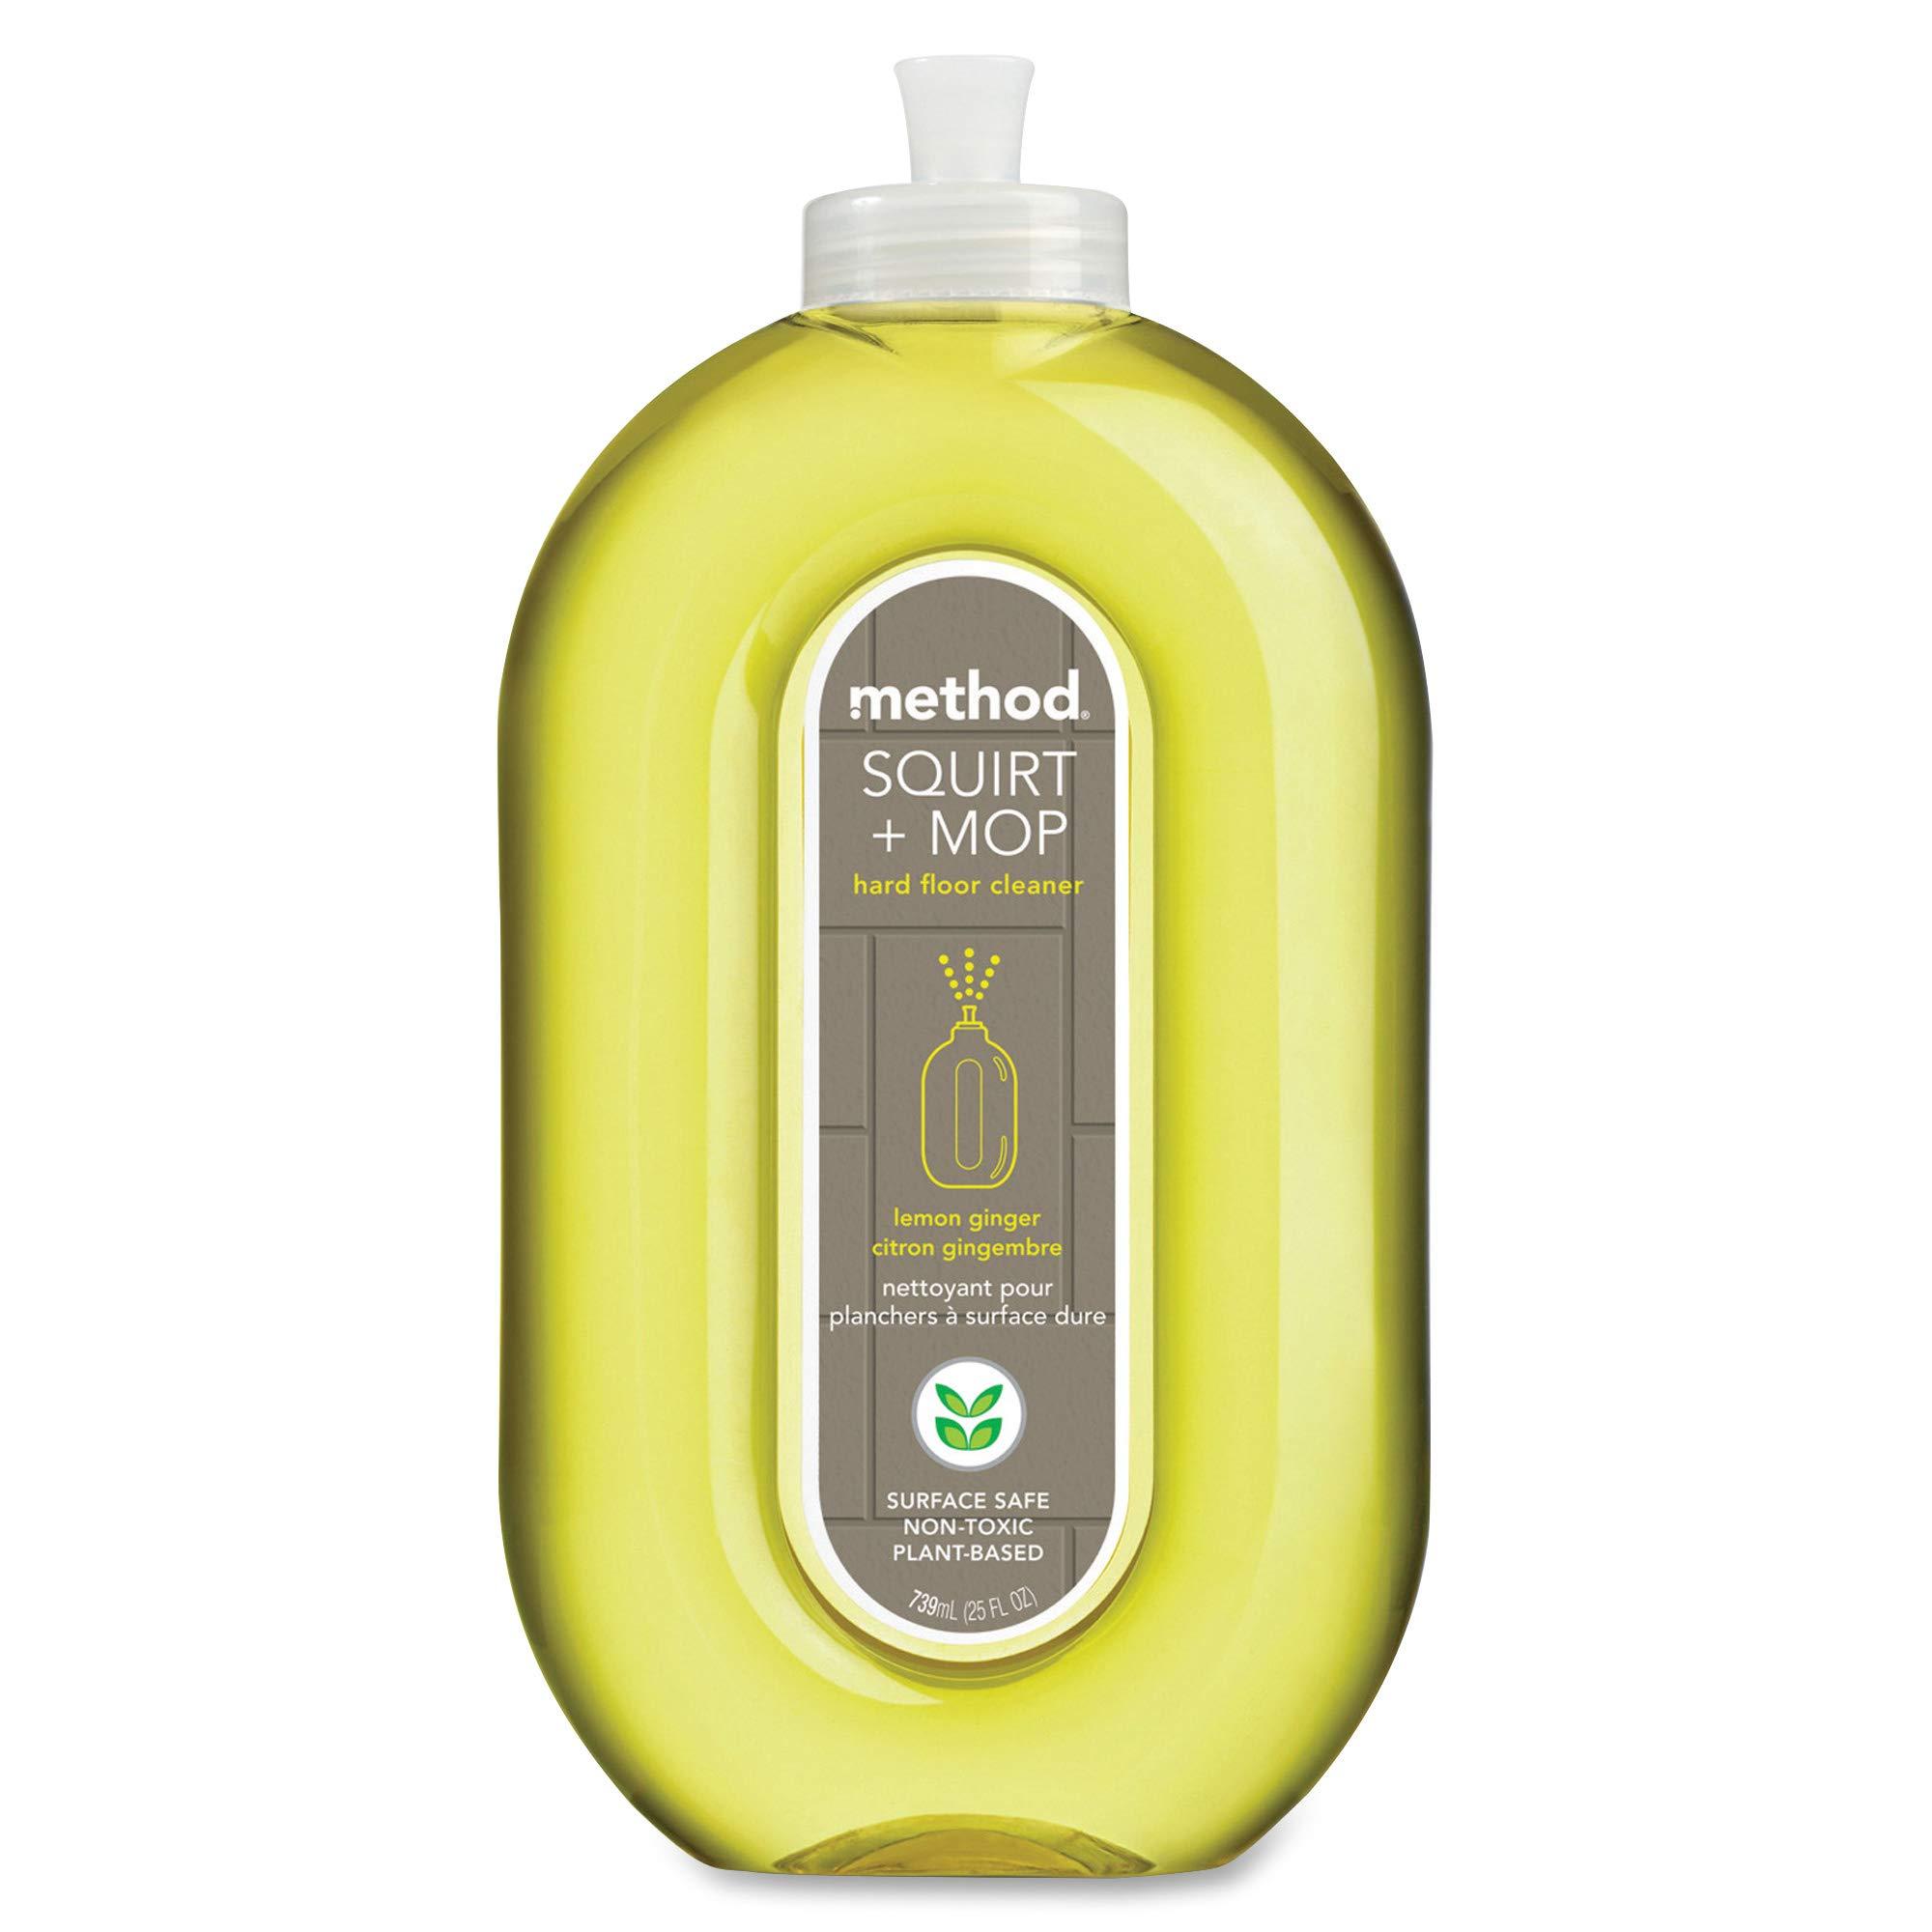 Method Squirt + Mop Hard Floor Cleaner, Lemon Ginger, 25 Fl Oz (Pack 6)